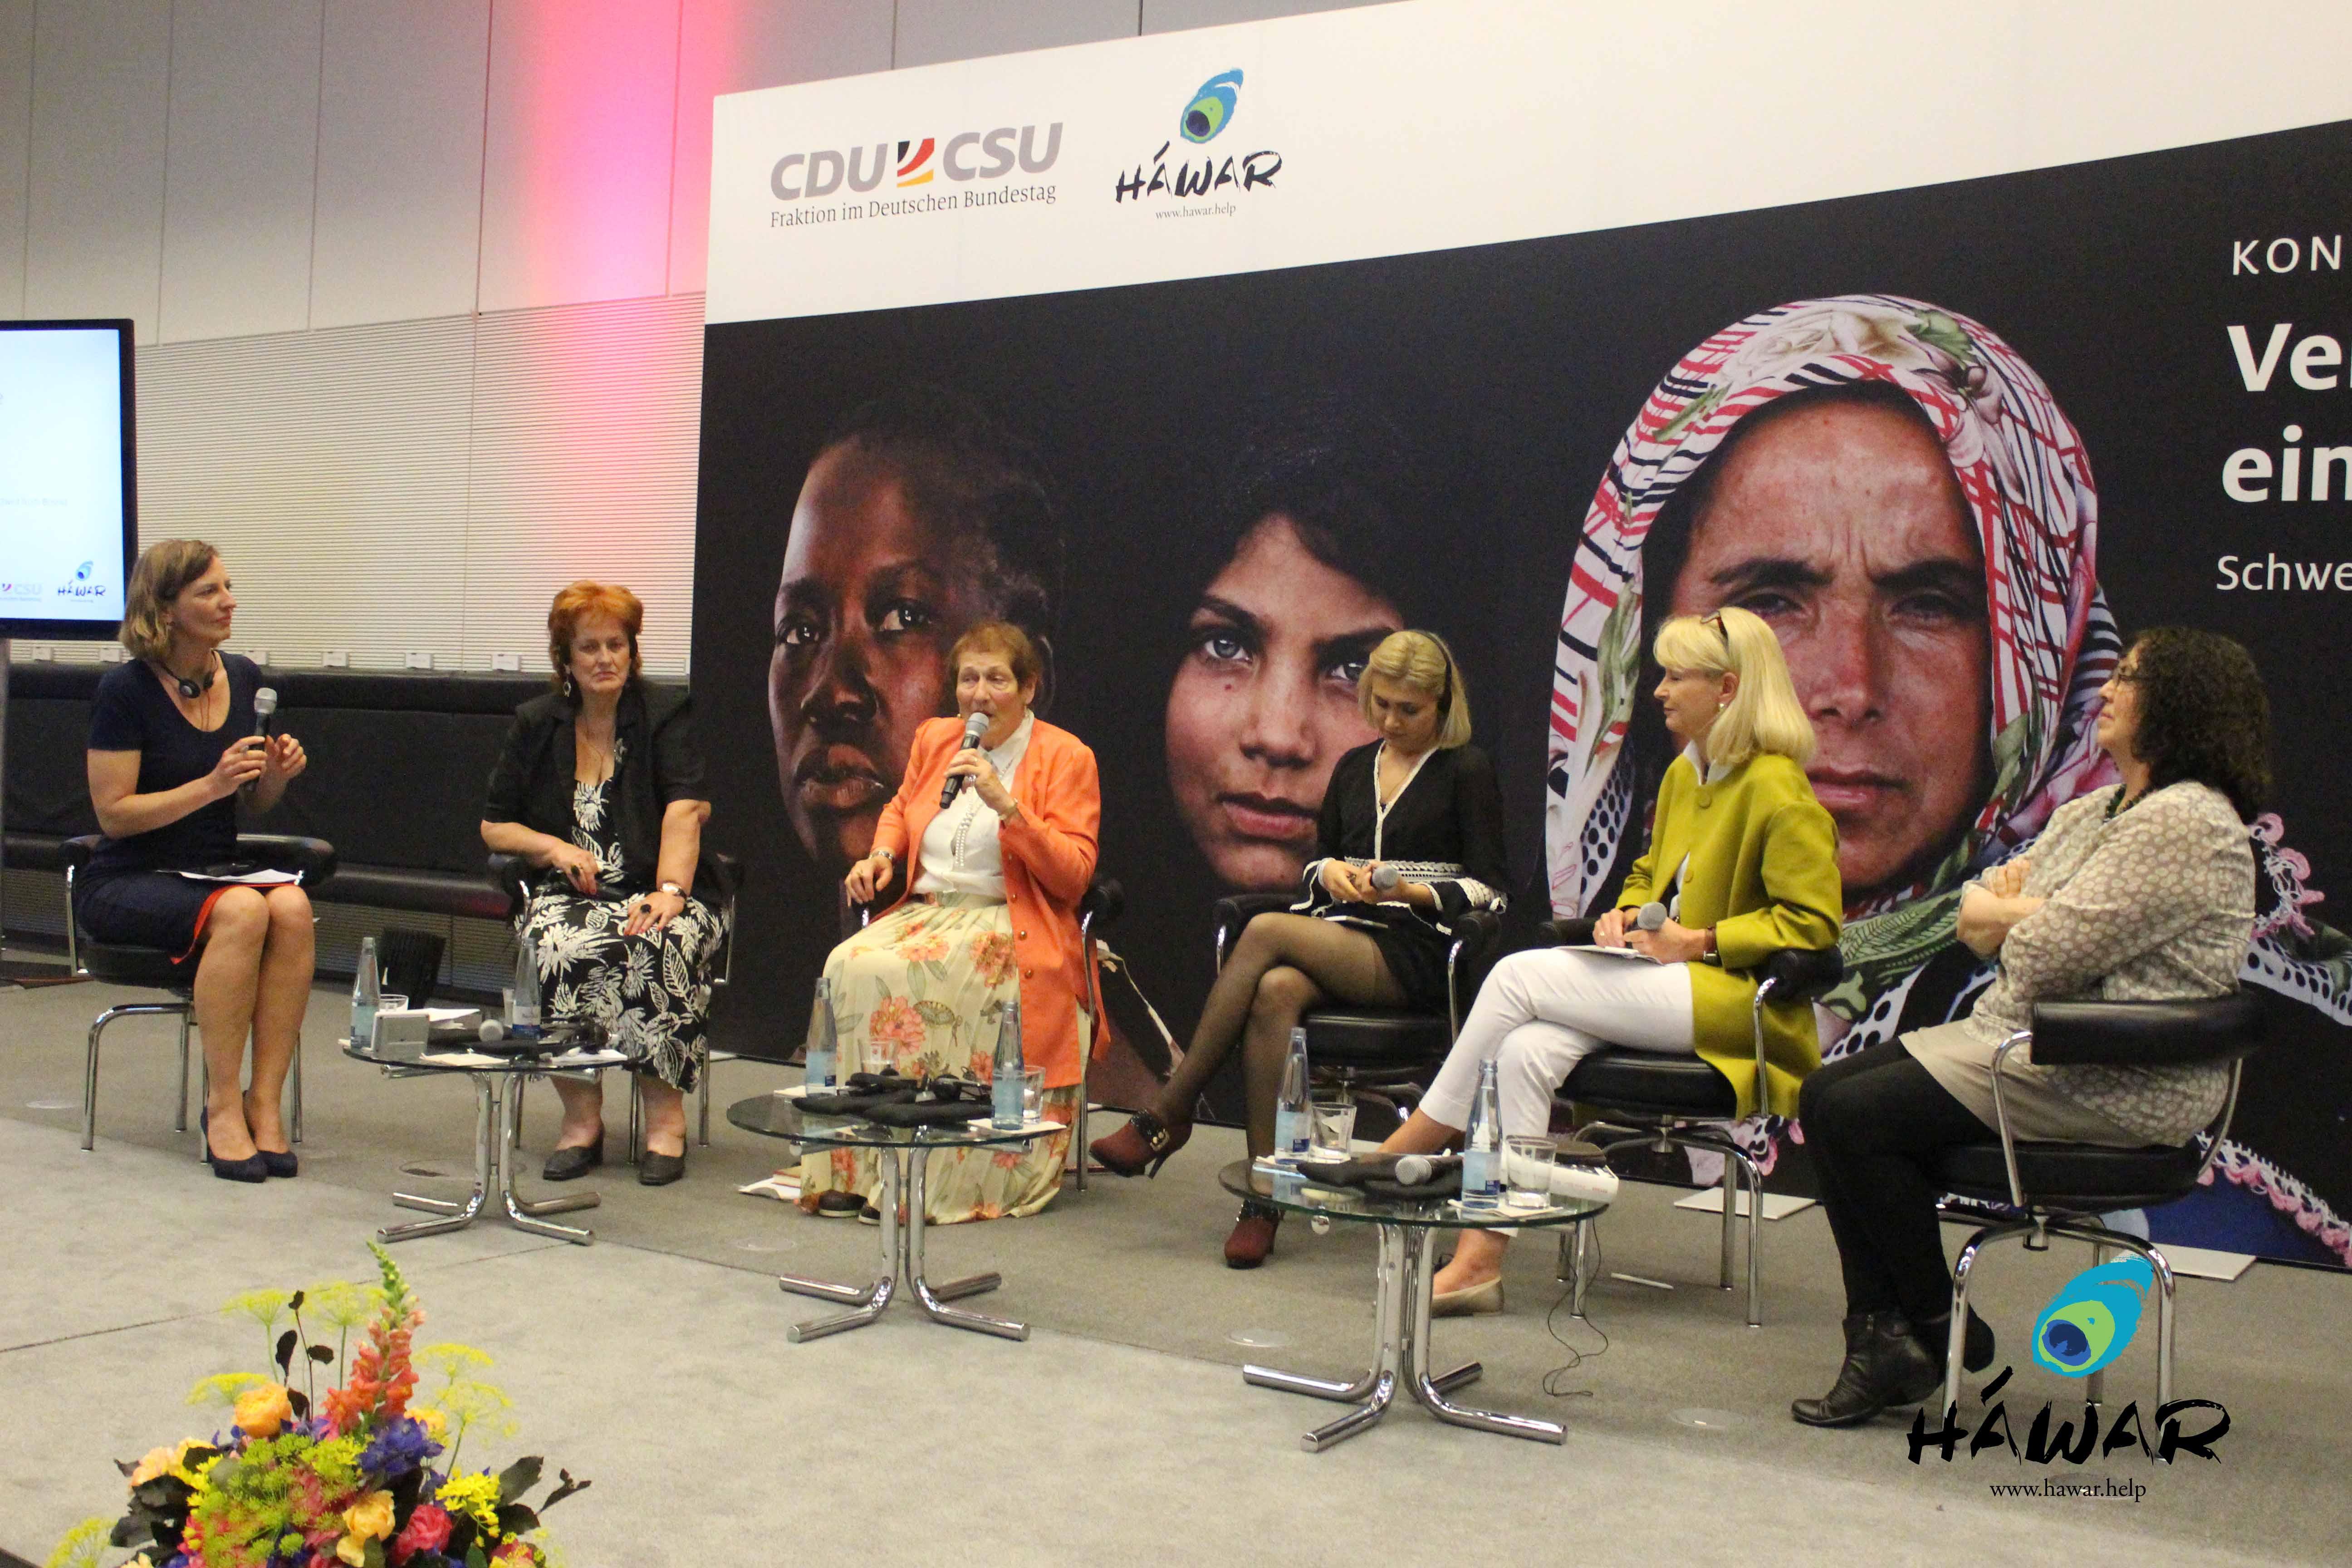 Moderatorin Tanja Samrotzki, Muslimin aus Bosnien Nusreta Sivac, Holocaust-Überlebende Ruth Barnett, Jesidin und IS- Überlebende Salwa Rasho, Vorsitzende der Gruppe der Frauen der CDU/CSU-Bundestagsfraktion Karin Maag MdB, Autorin Freya Klier